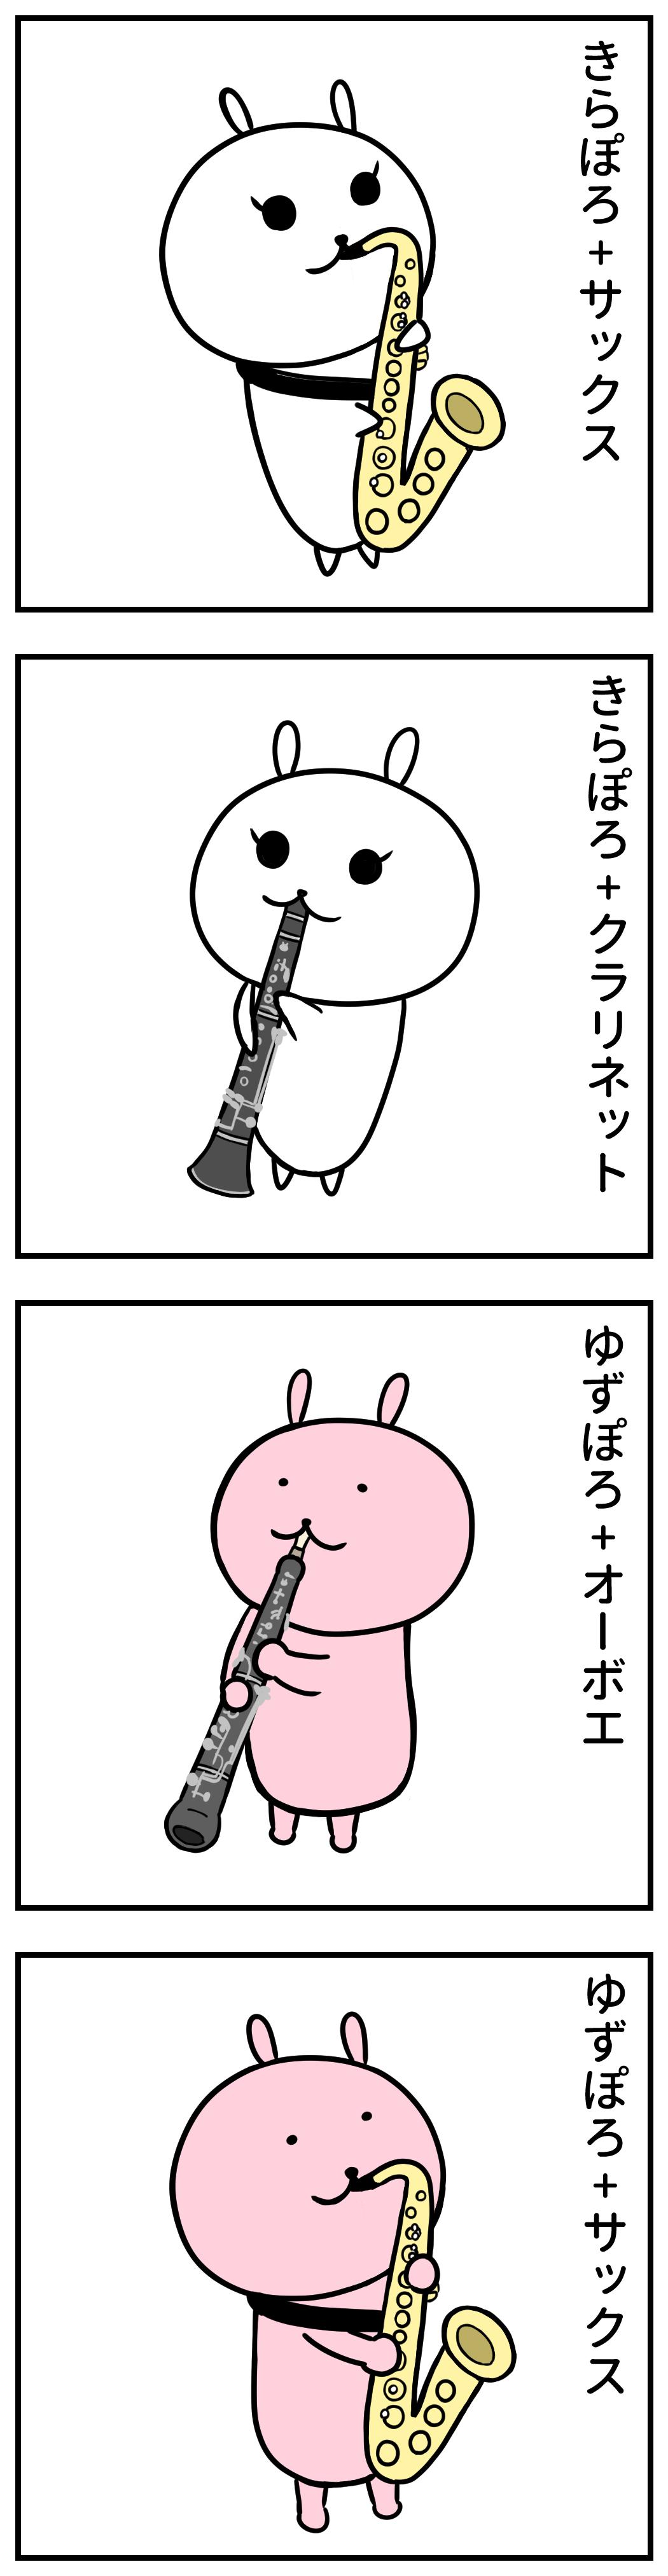 フリー素材 吹奏楽